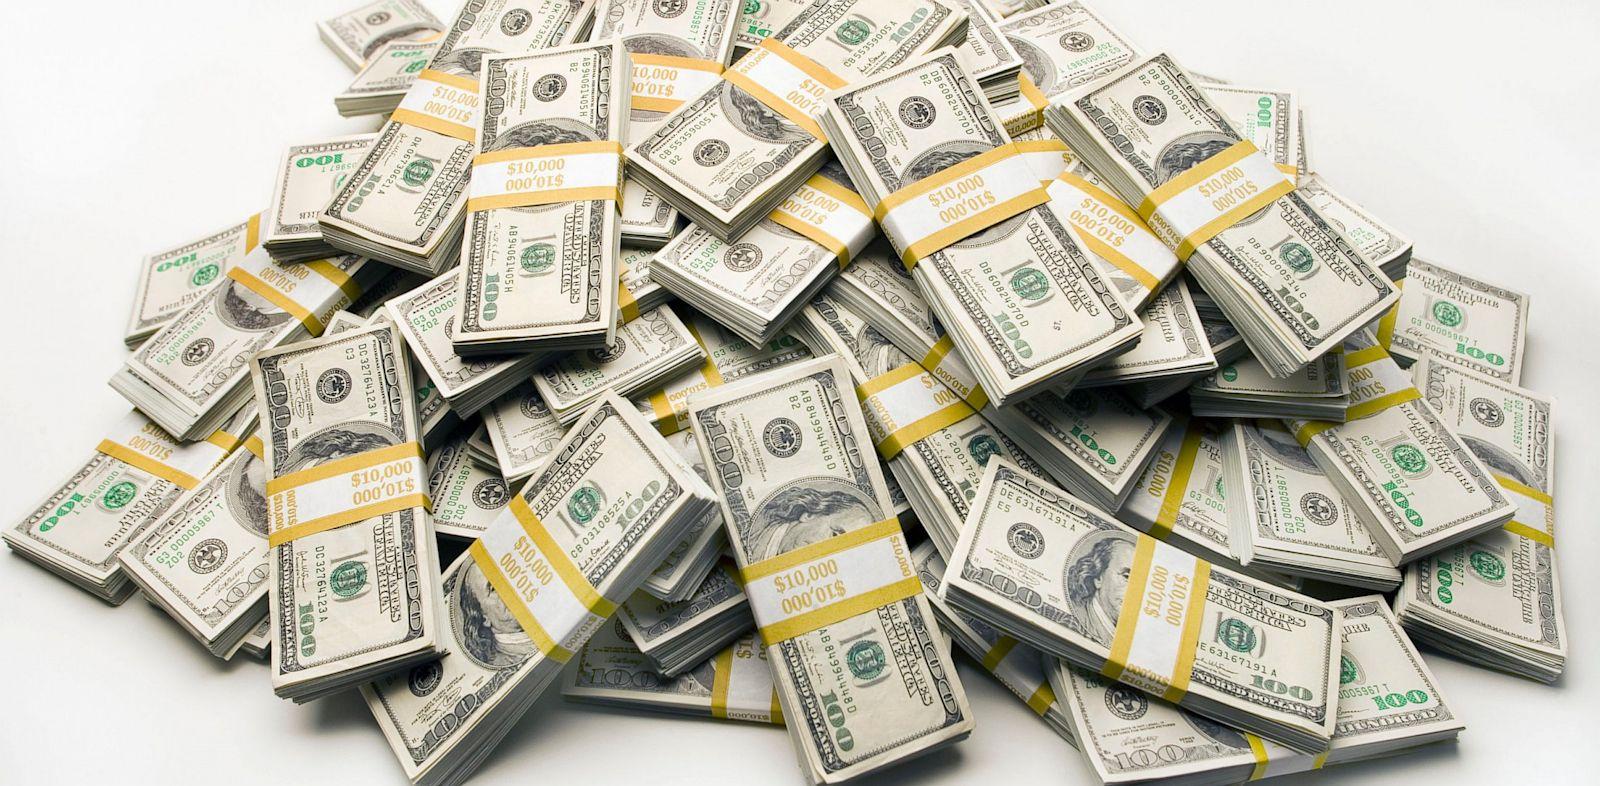 bonus money casino, bookies and bingo